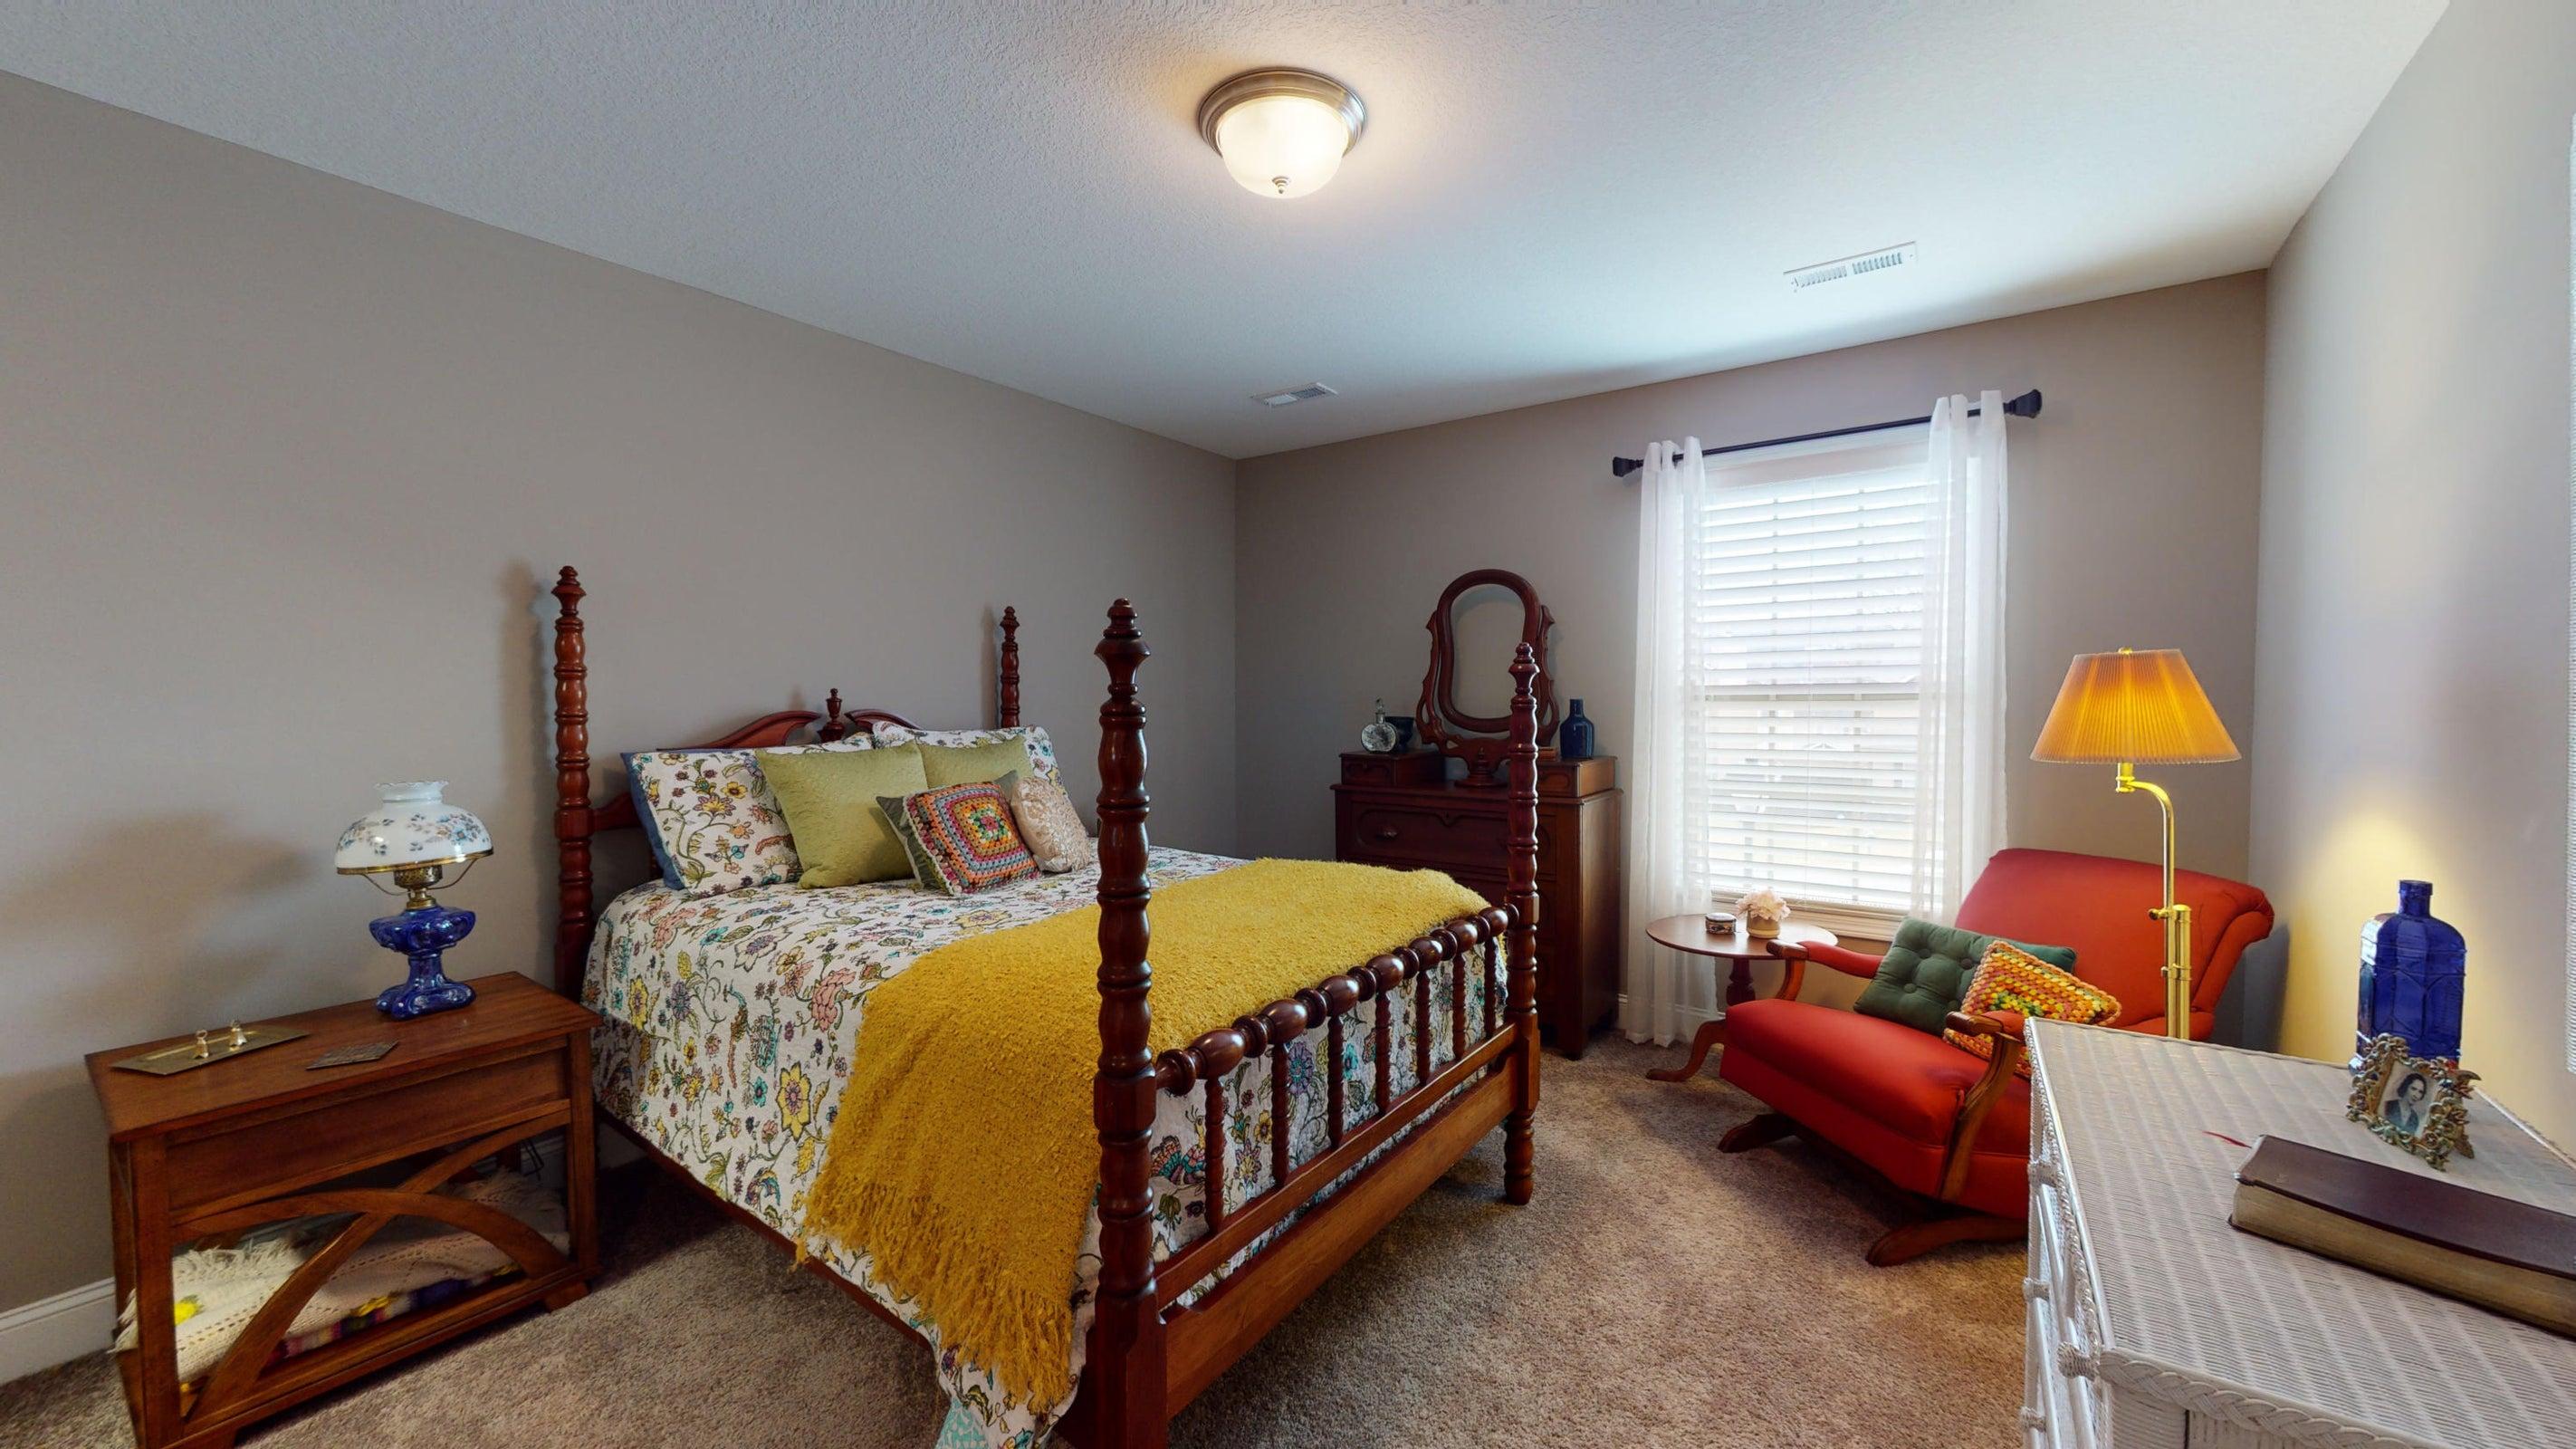 2352-Madeline-lane-Bedroom-13